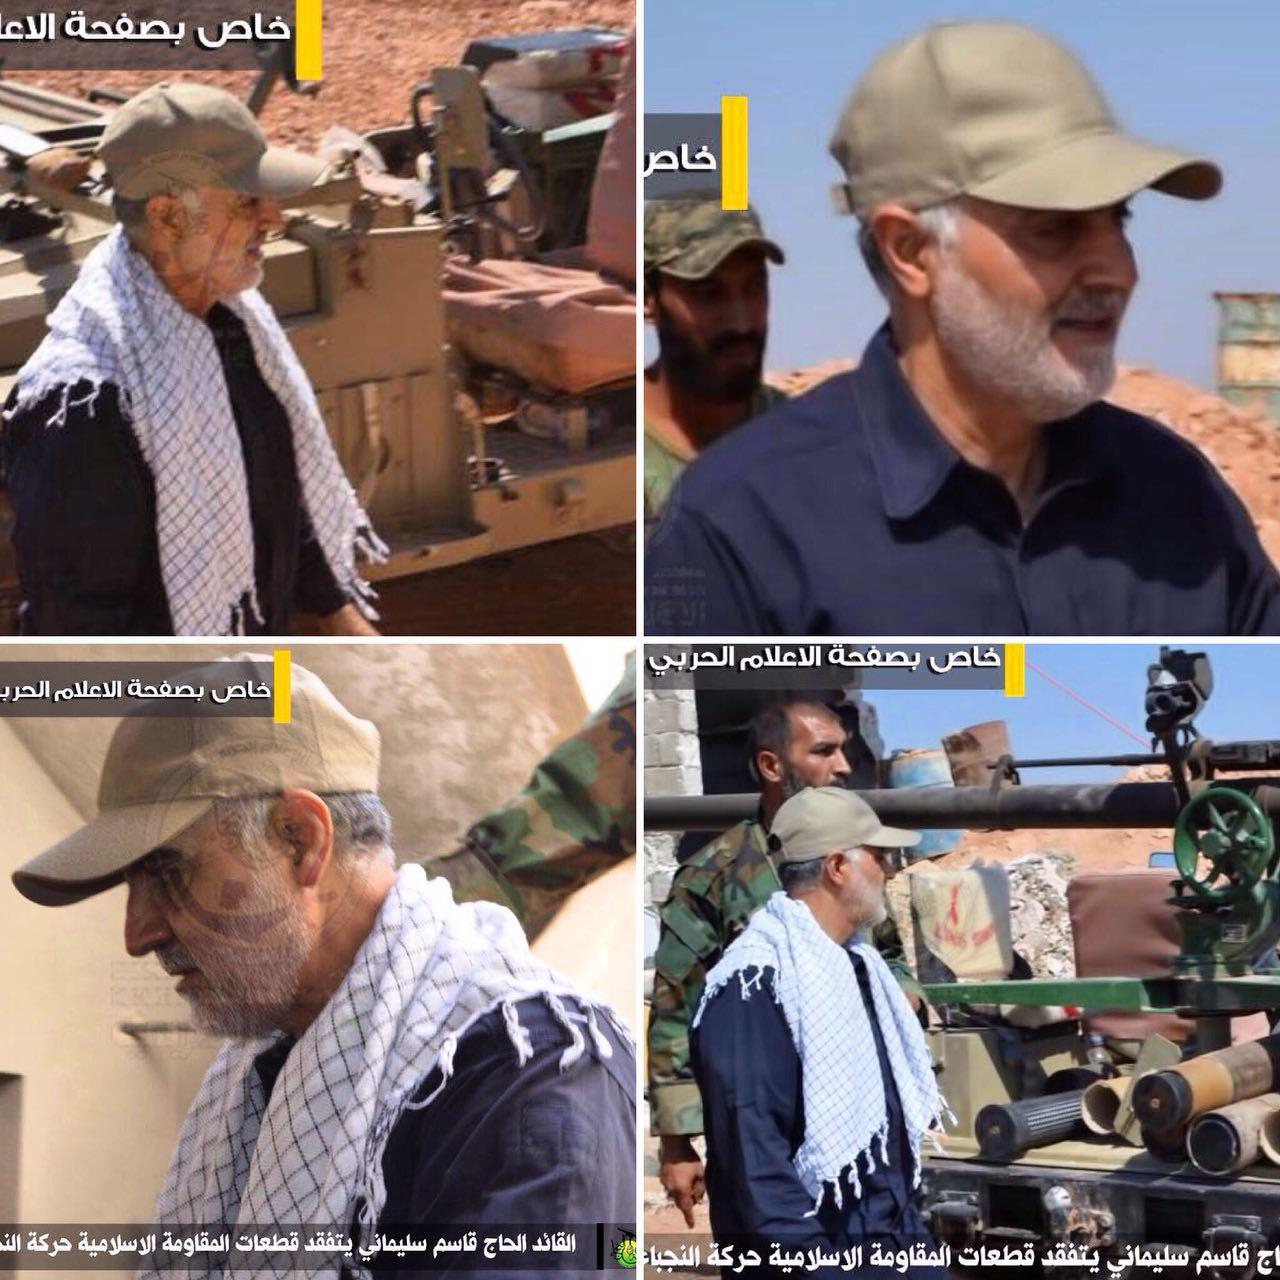 فرمانده نیروی قدس سپاه ساعتی پیش در جمع رزمندگان نُجَباء در حلب سوریه حاضر شد   + تصاویر